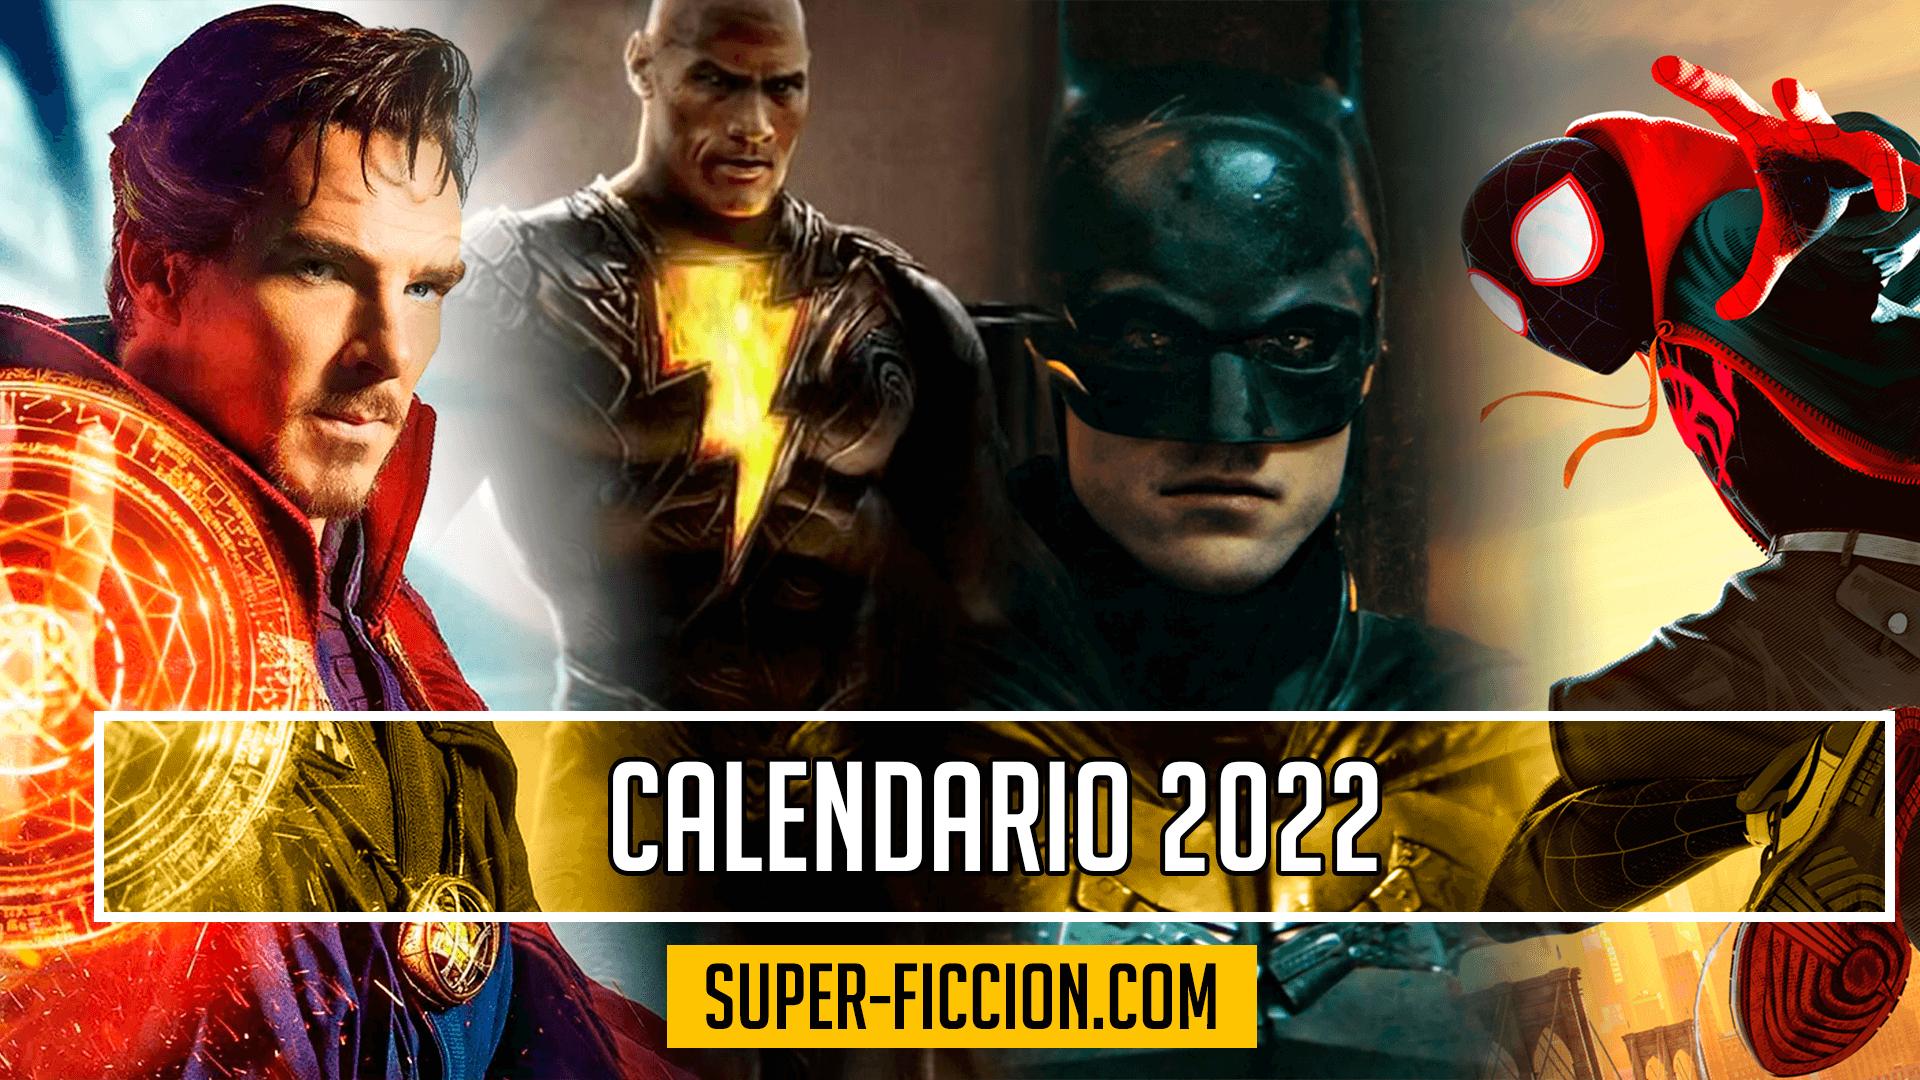 Calendario cine superhéroes 2022